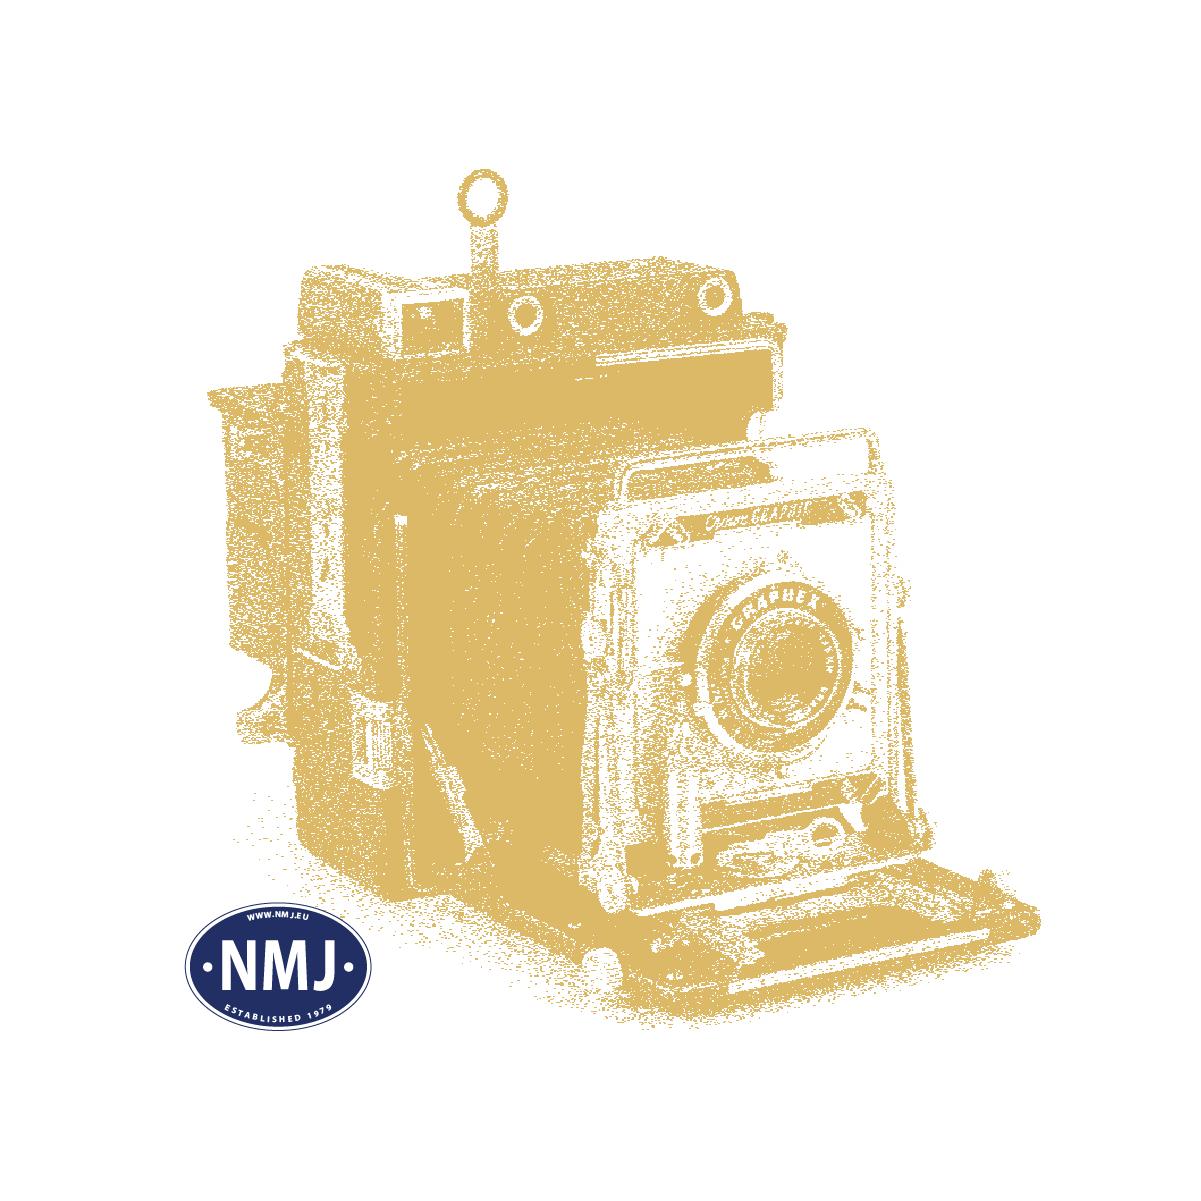 NMJ Superline NSB Stakevogn Kbmp 21 76 312 7489-3